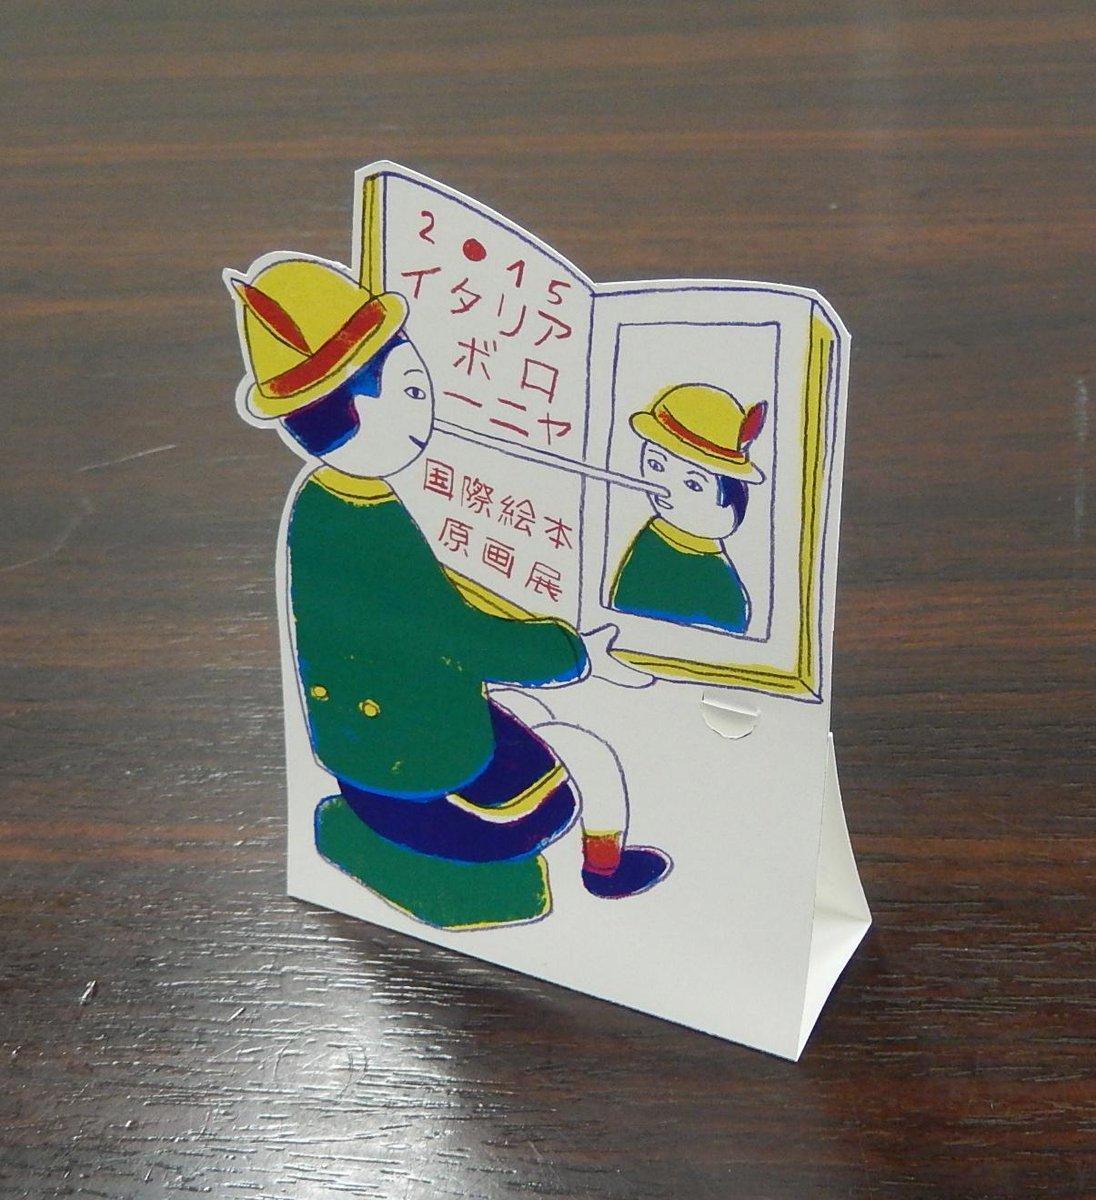 板橋区立美術館のボローニャ展、印刷物も準備中です。 今年のチケットの試作、折って立てるとこんな感じに! 味わいのあるピノッキオは、ポール・コックスさんが描いてくれました。 http://t.co/qAjhzrUlnd